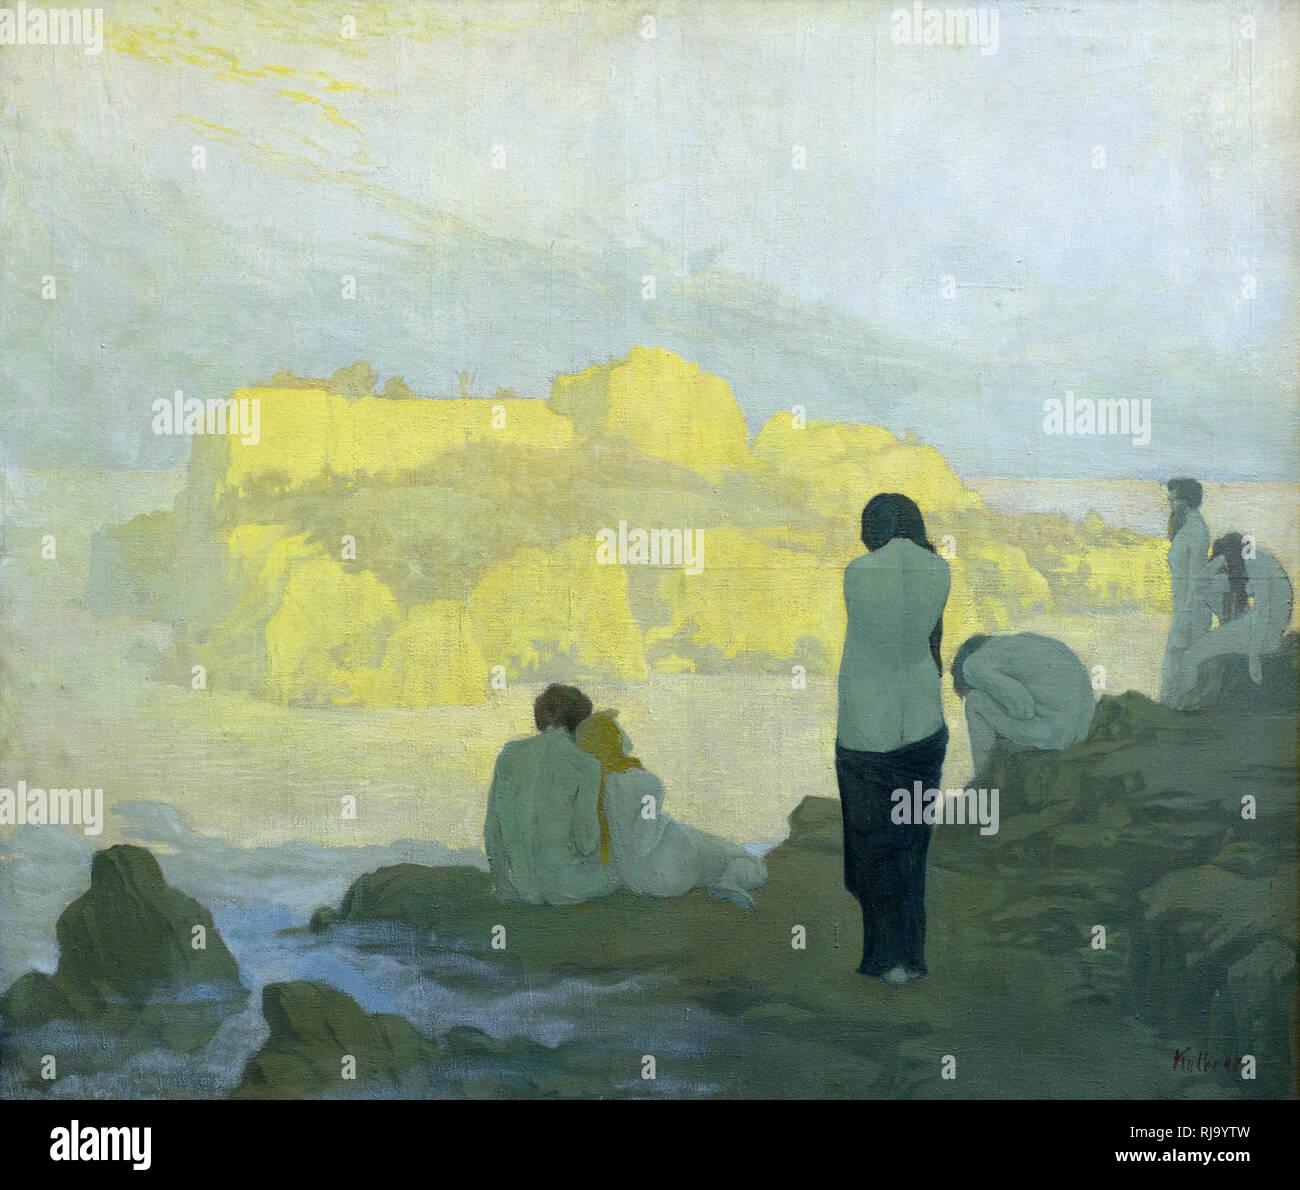 Georg Kolbe (1877-1947), The Golden Isle, 1898.  Die Goldene Insel. Alte Nationalgalerie, Berlin, Germany. - Stock Image